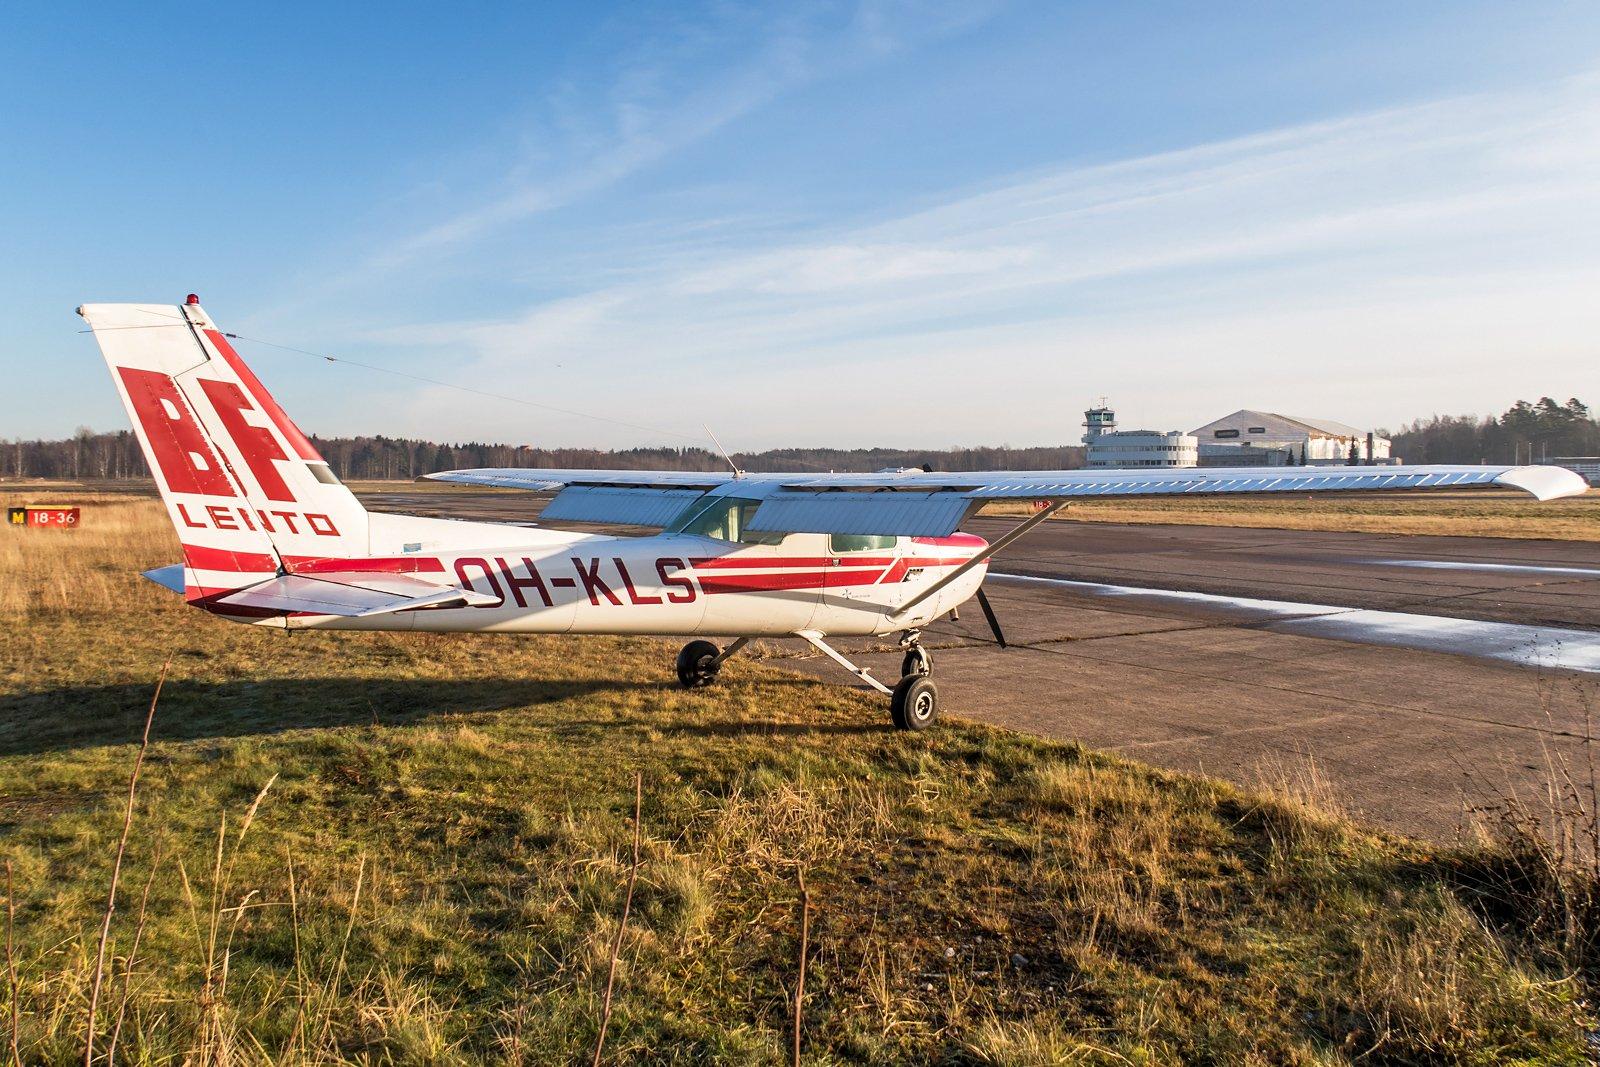 BF-Lento Cessna 152 OH-KLS